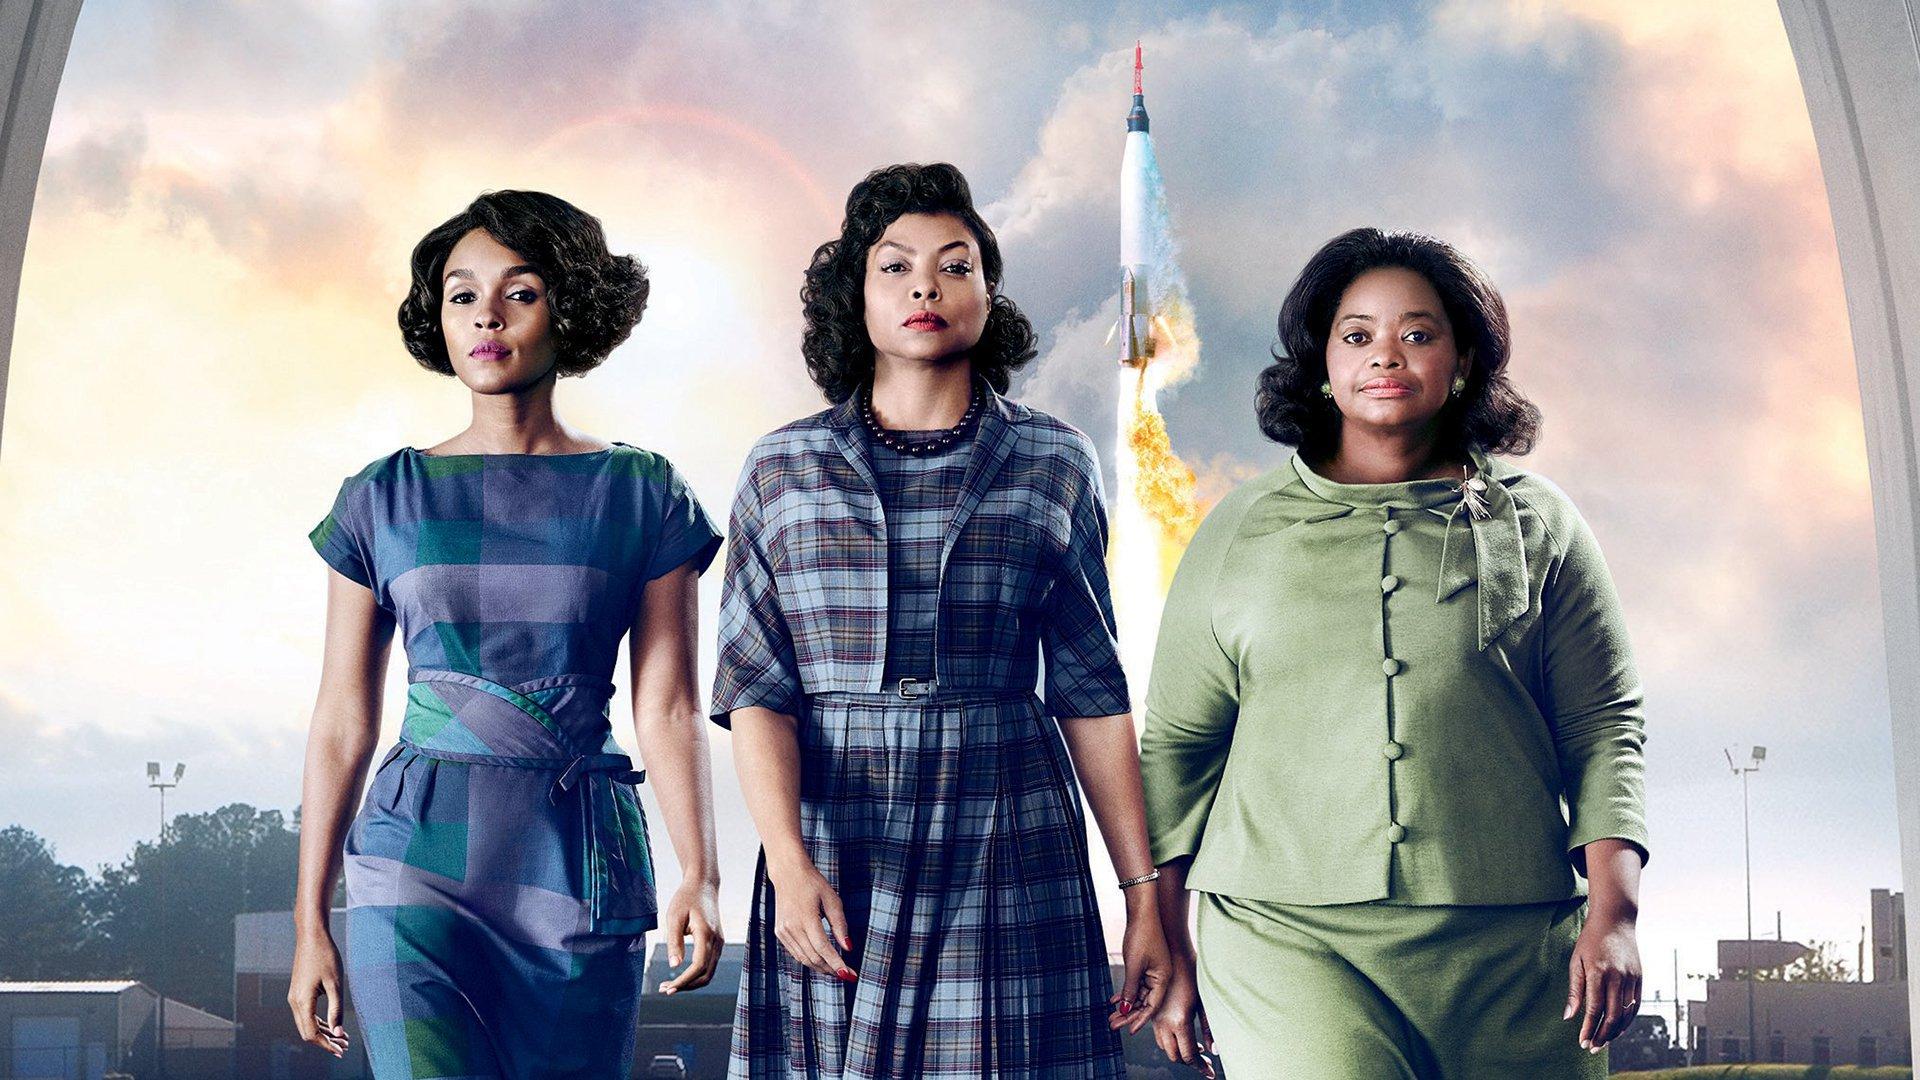 """Da engenharia para o Oscar: quem foram as mulheres que inspiraram o filme """"Estrelas além do tempo"""""""